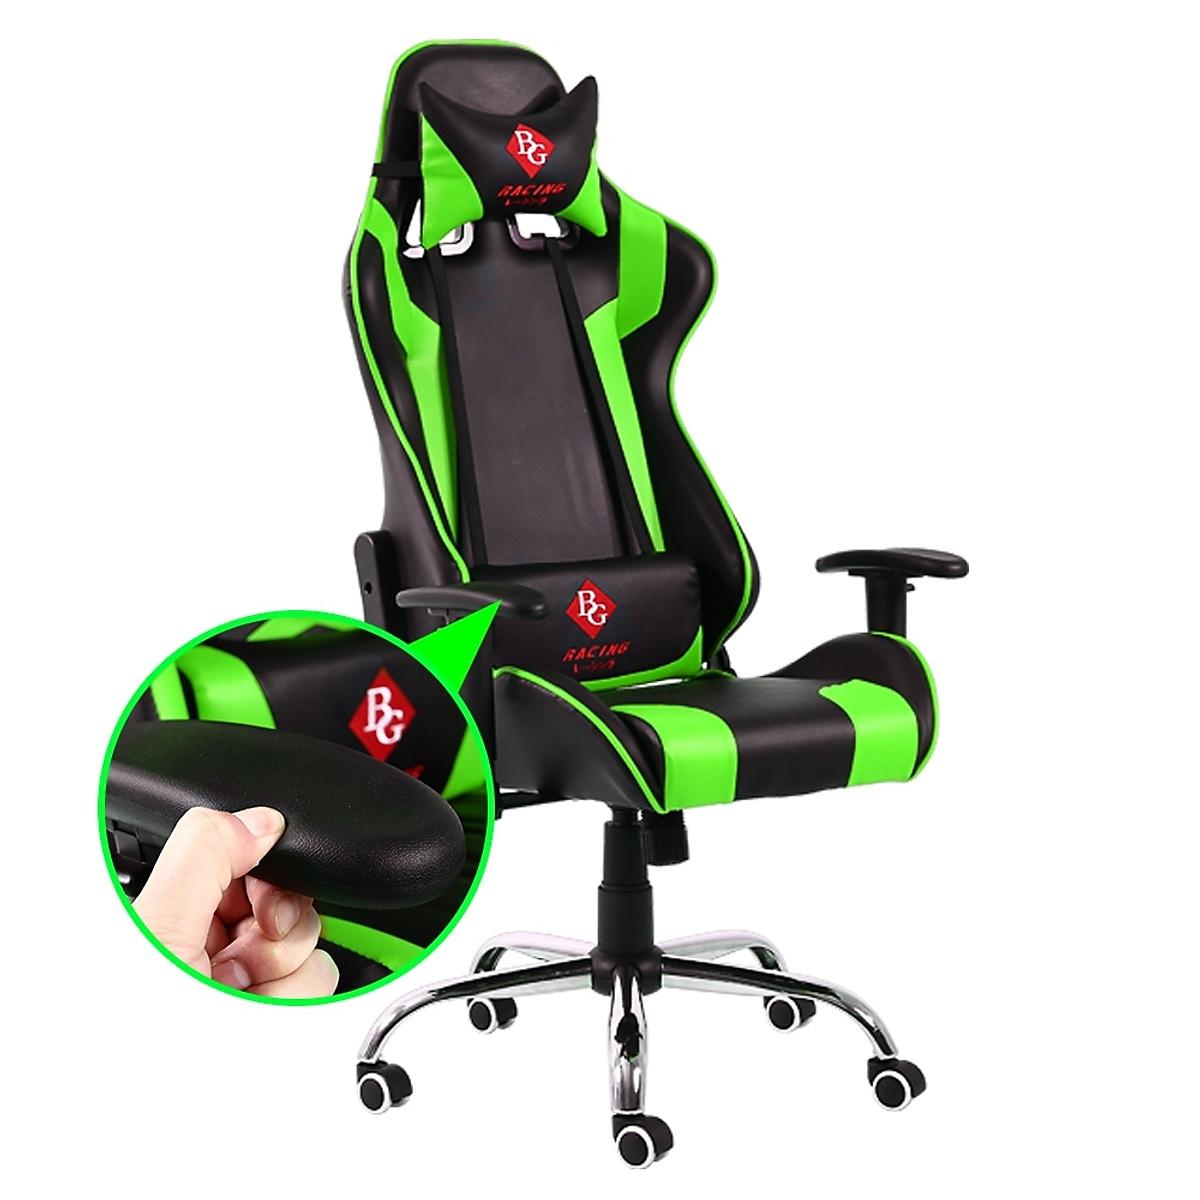 BG Ghế chơi game Mẫu G1 (Green/Black) (hàng nhập khẩu)